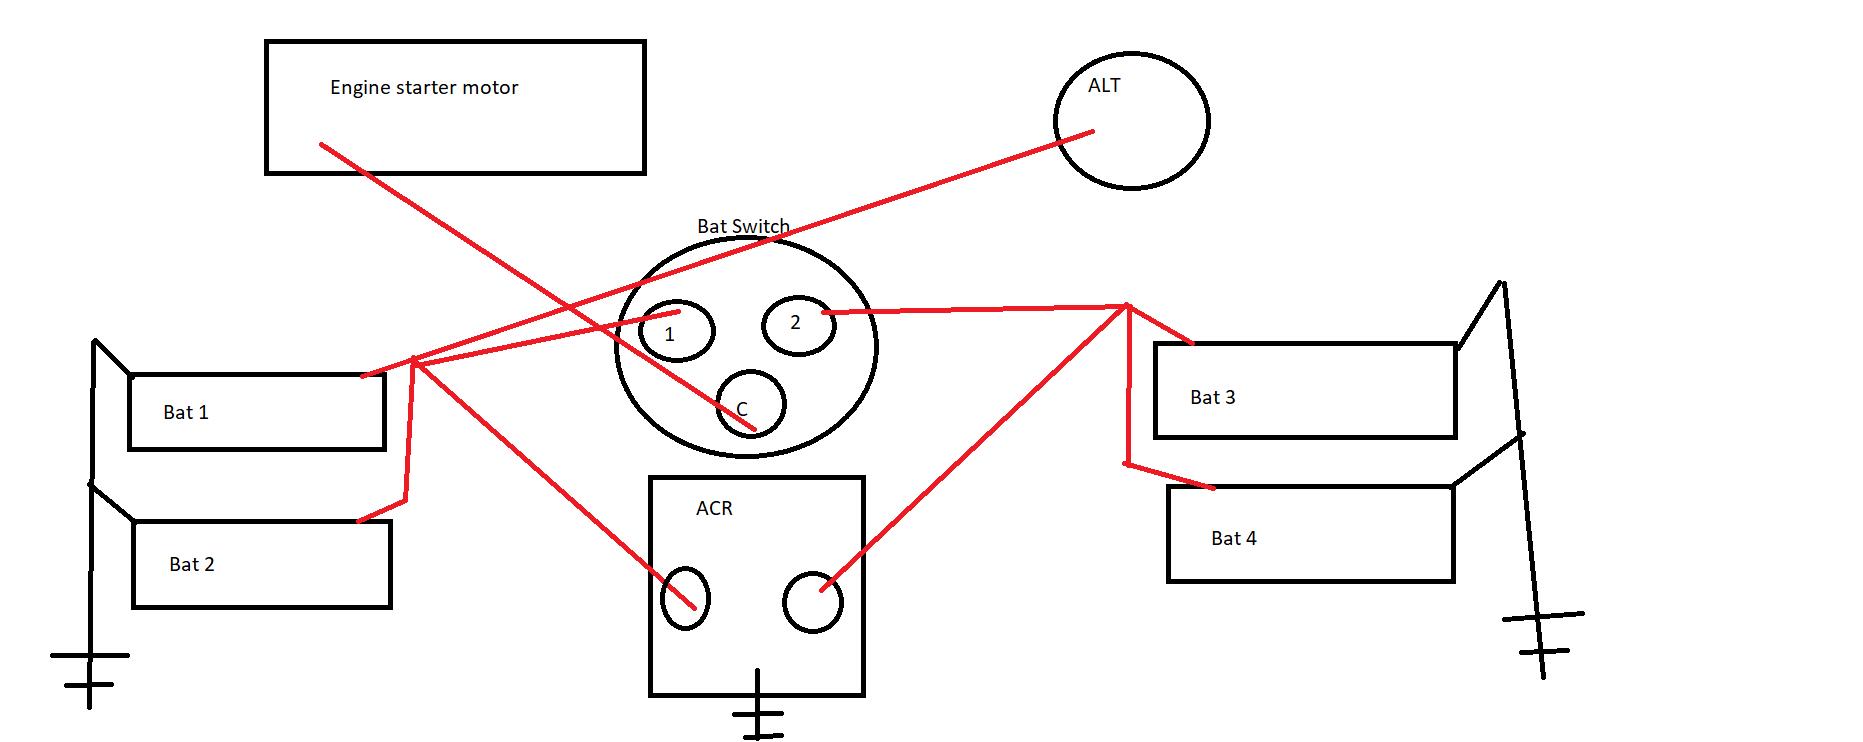 Attractive dynastart wiring diagram embellishment wiring arco 20102 alternator wiring diagram wiring diagrams schematics cheapraybanclubmaster Gallery